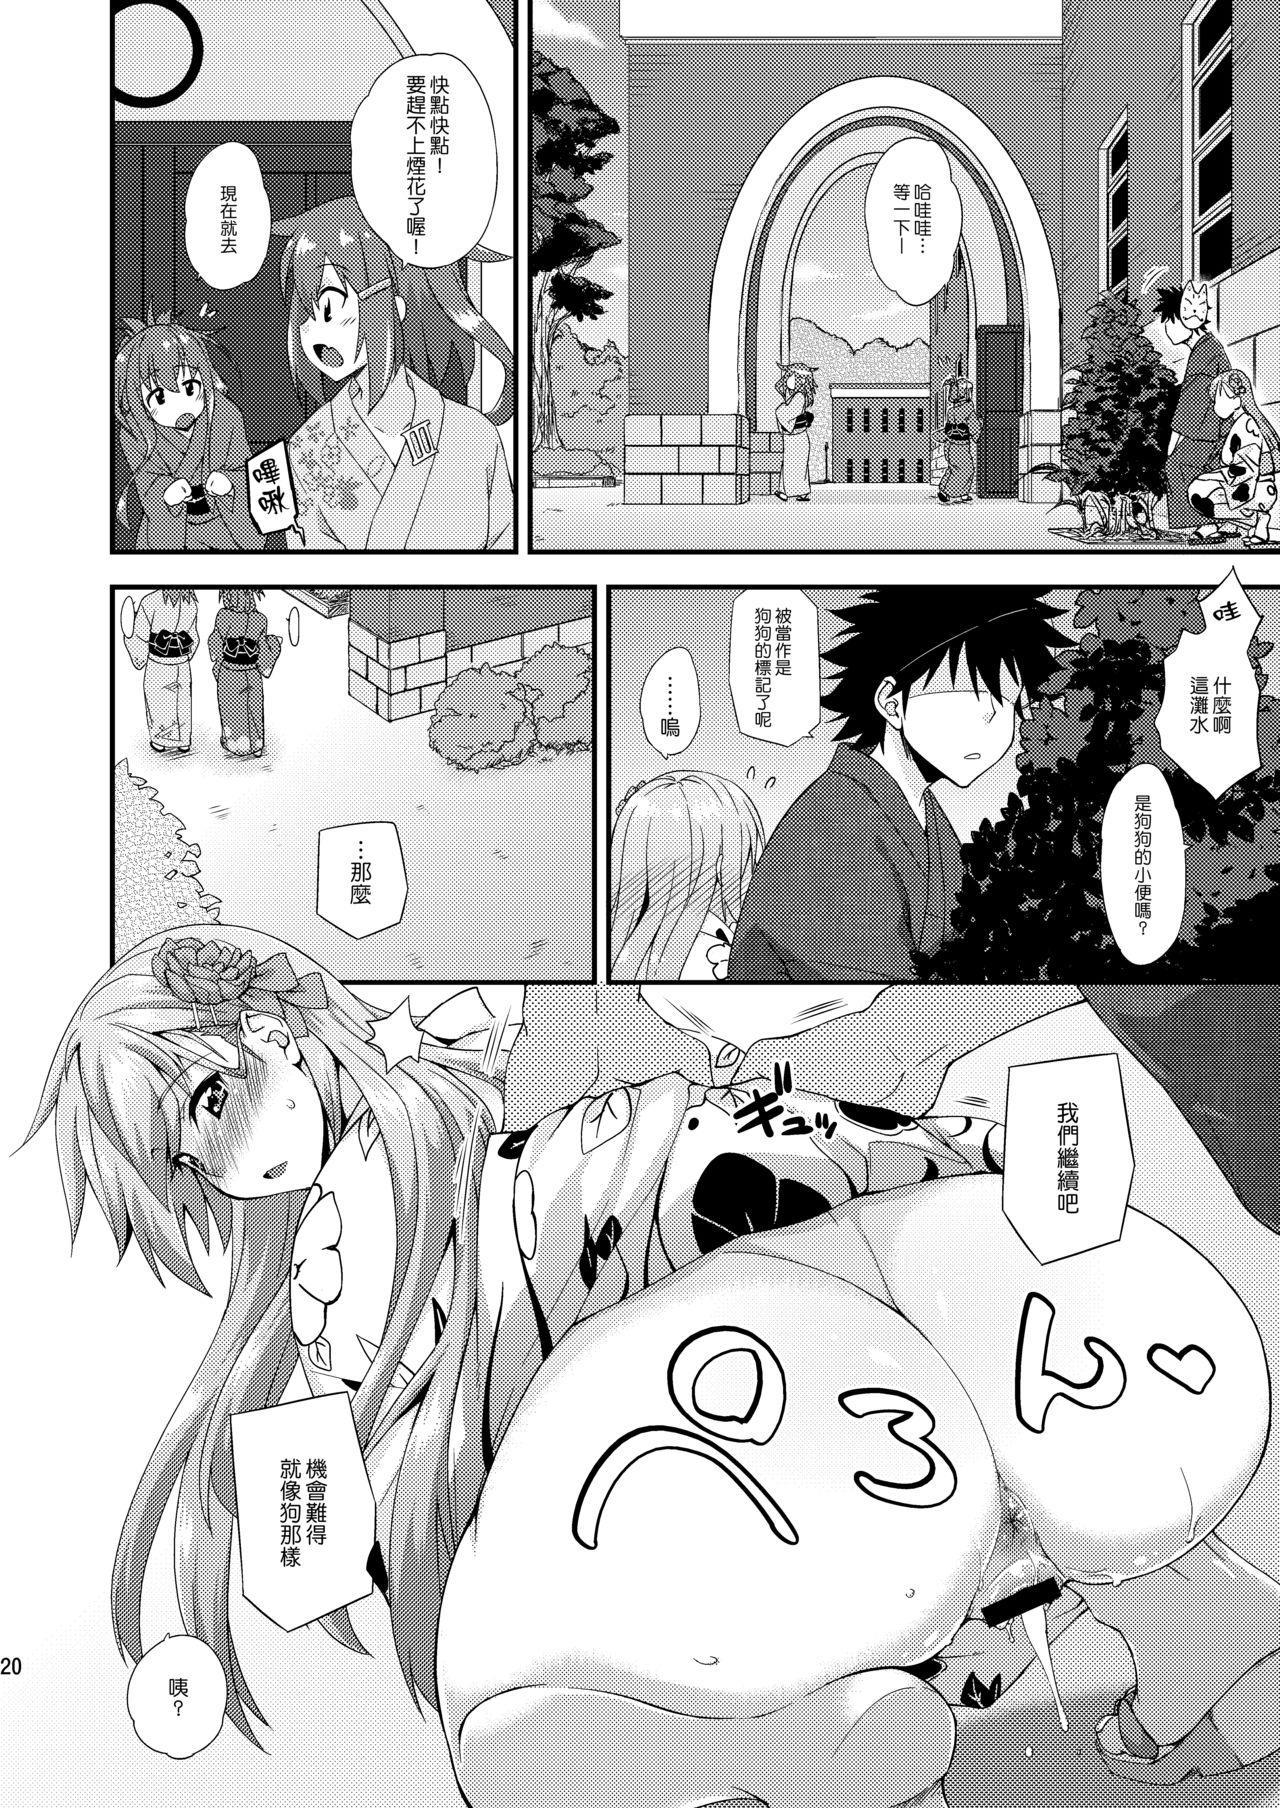 Suzuya to Dousuru? Nani Shichau? 13 19